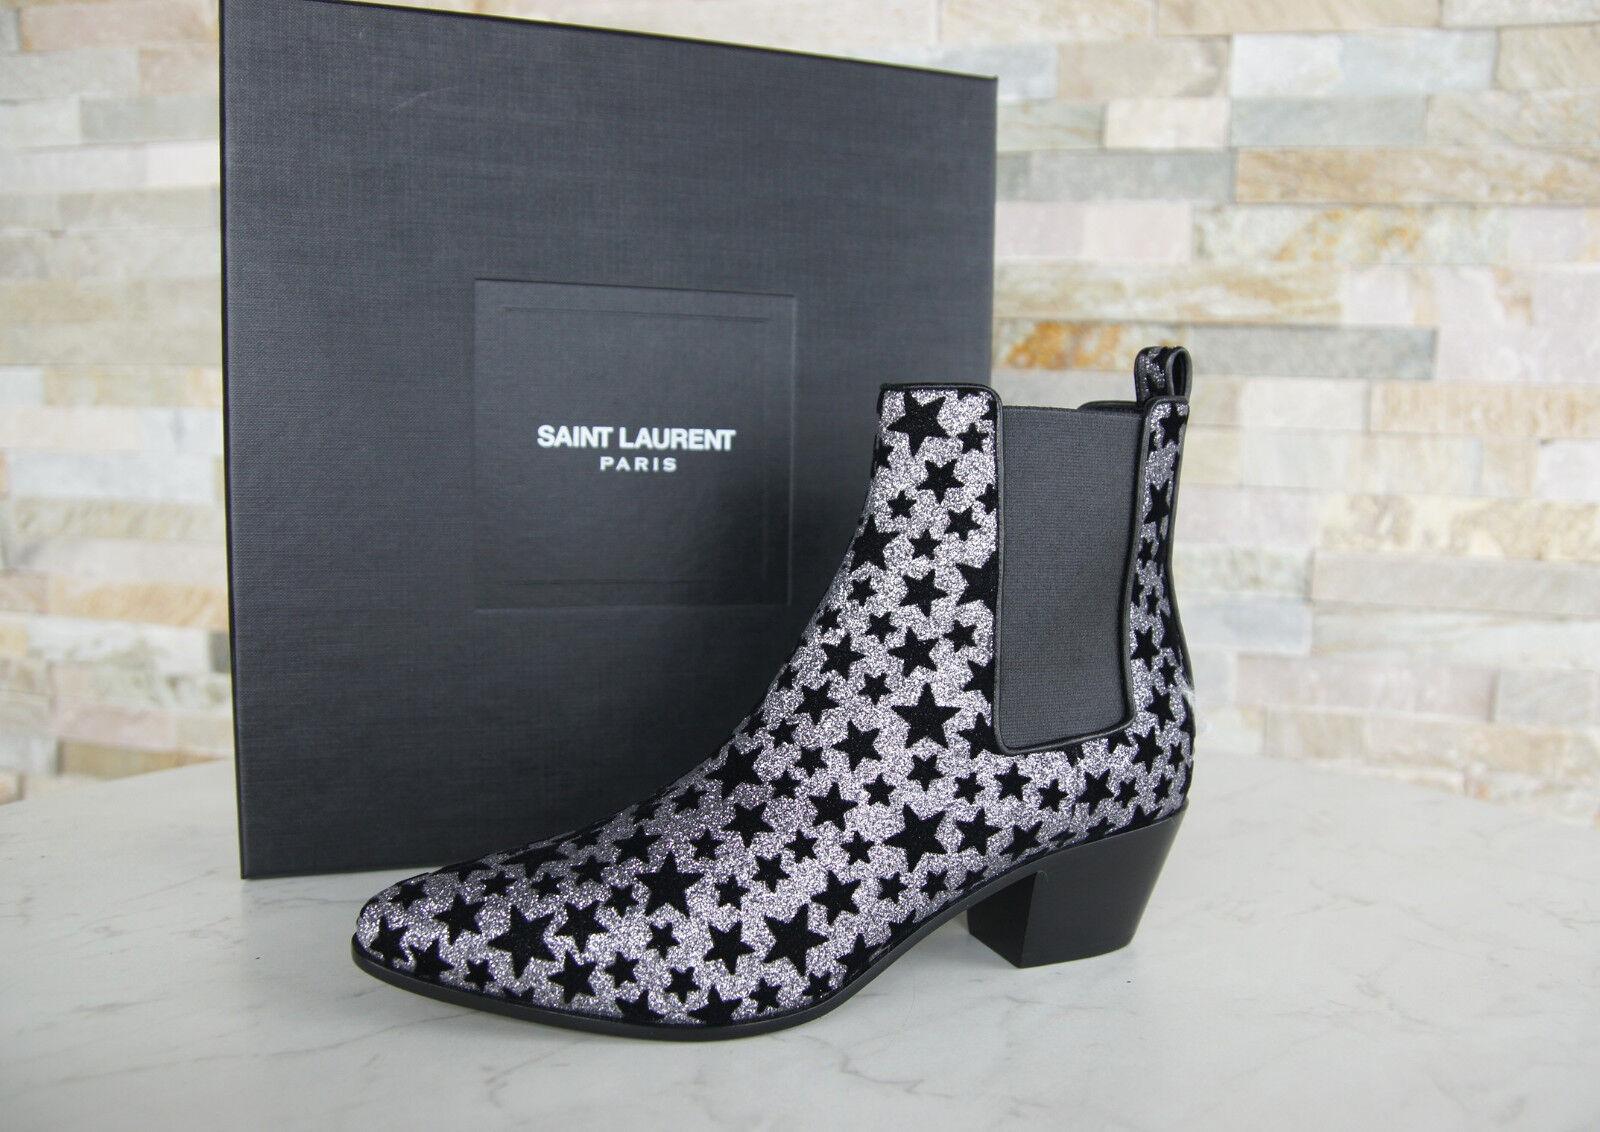 Tiempo limitado especial Saint Laurent Gr 39,5 Botines Botines 39,5 Brillante Botas 443095 Zapatos Nuevo 90363a